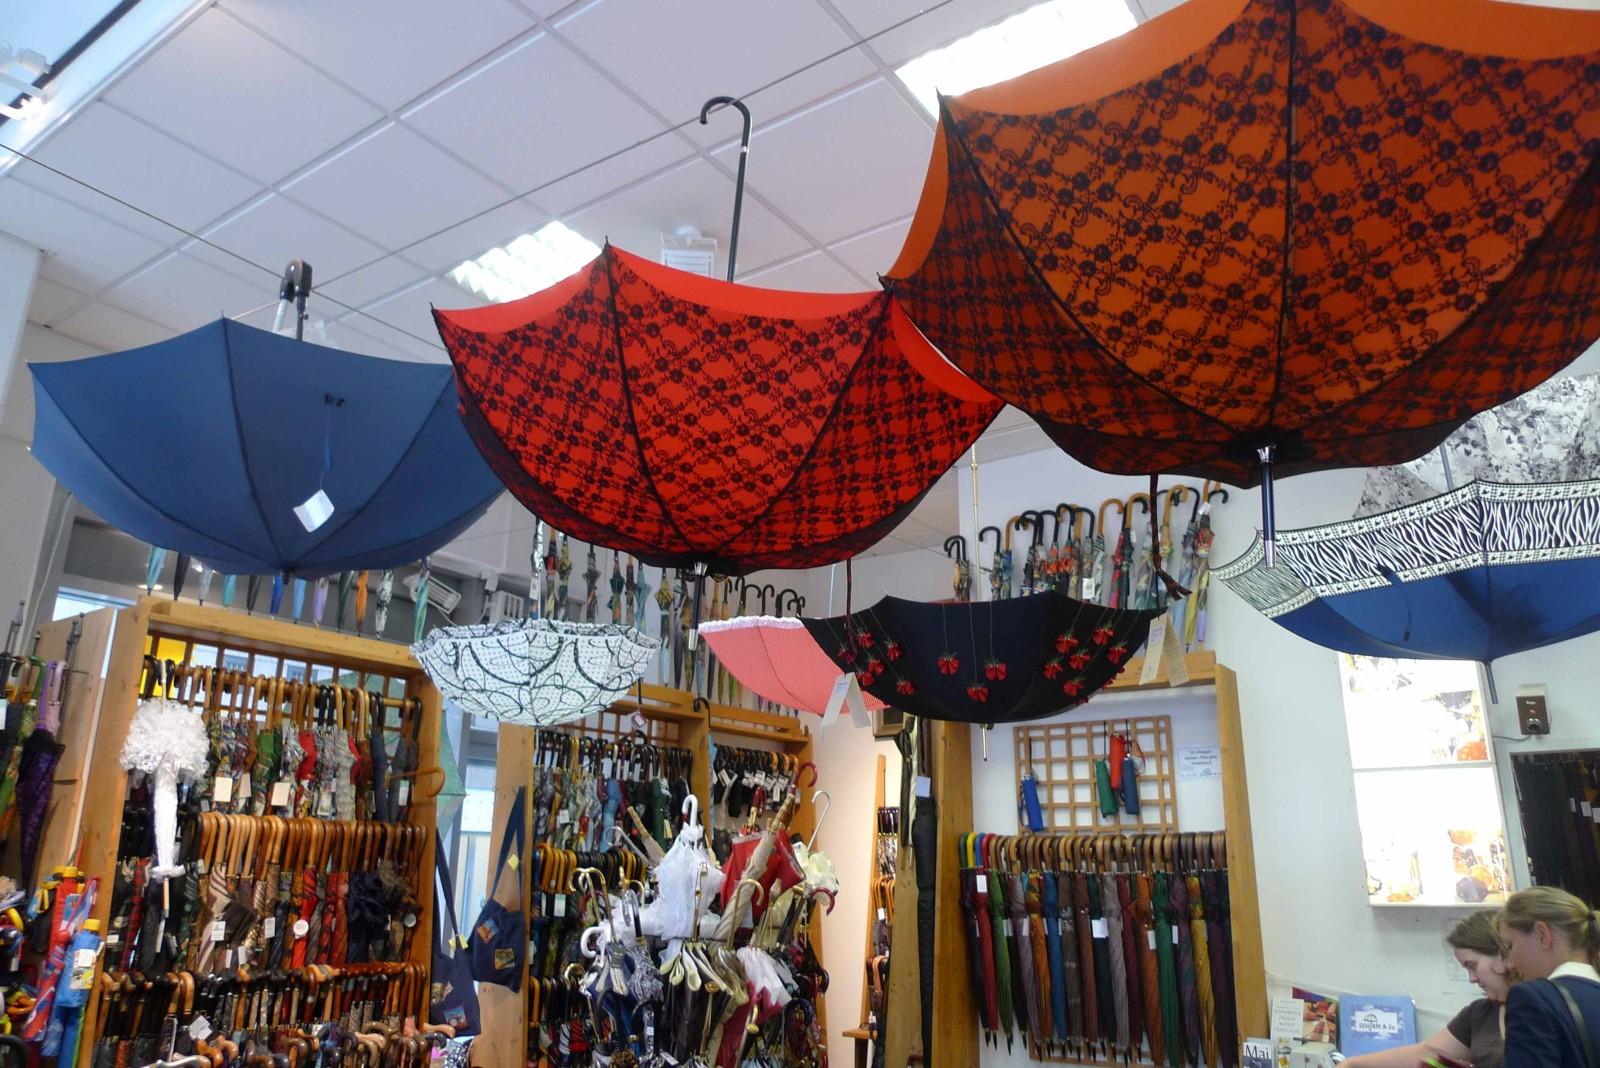 Im Schirmeladen gibt es für jeden Anlass, Typ und Geldbeutel den passenden Schirm